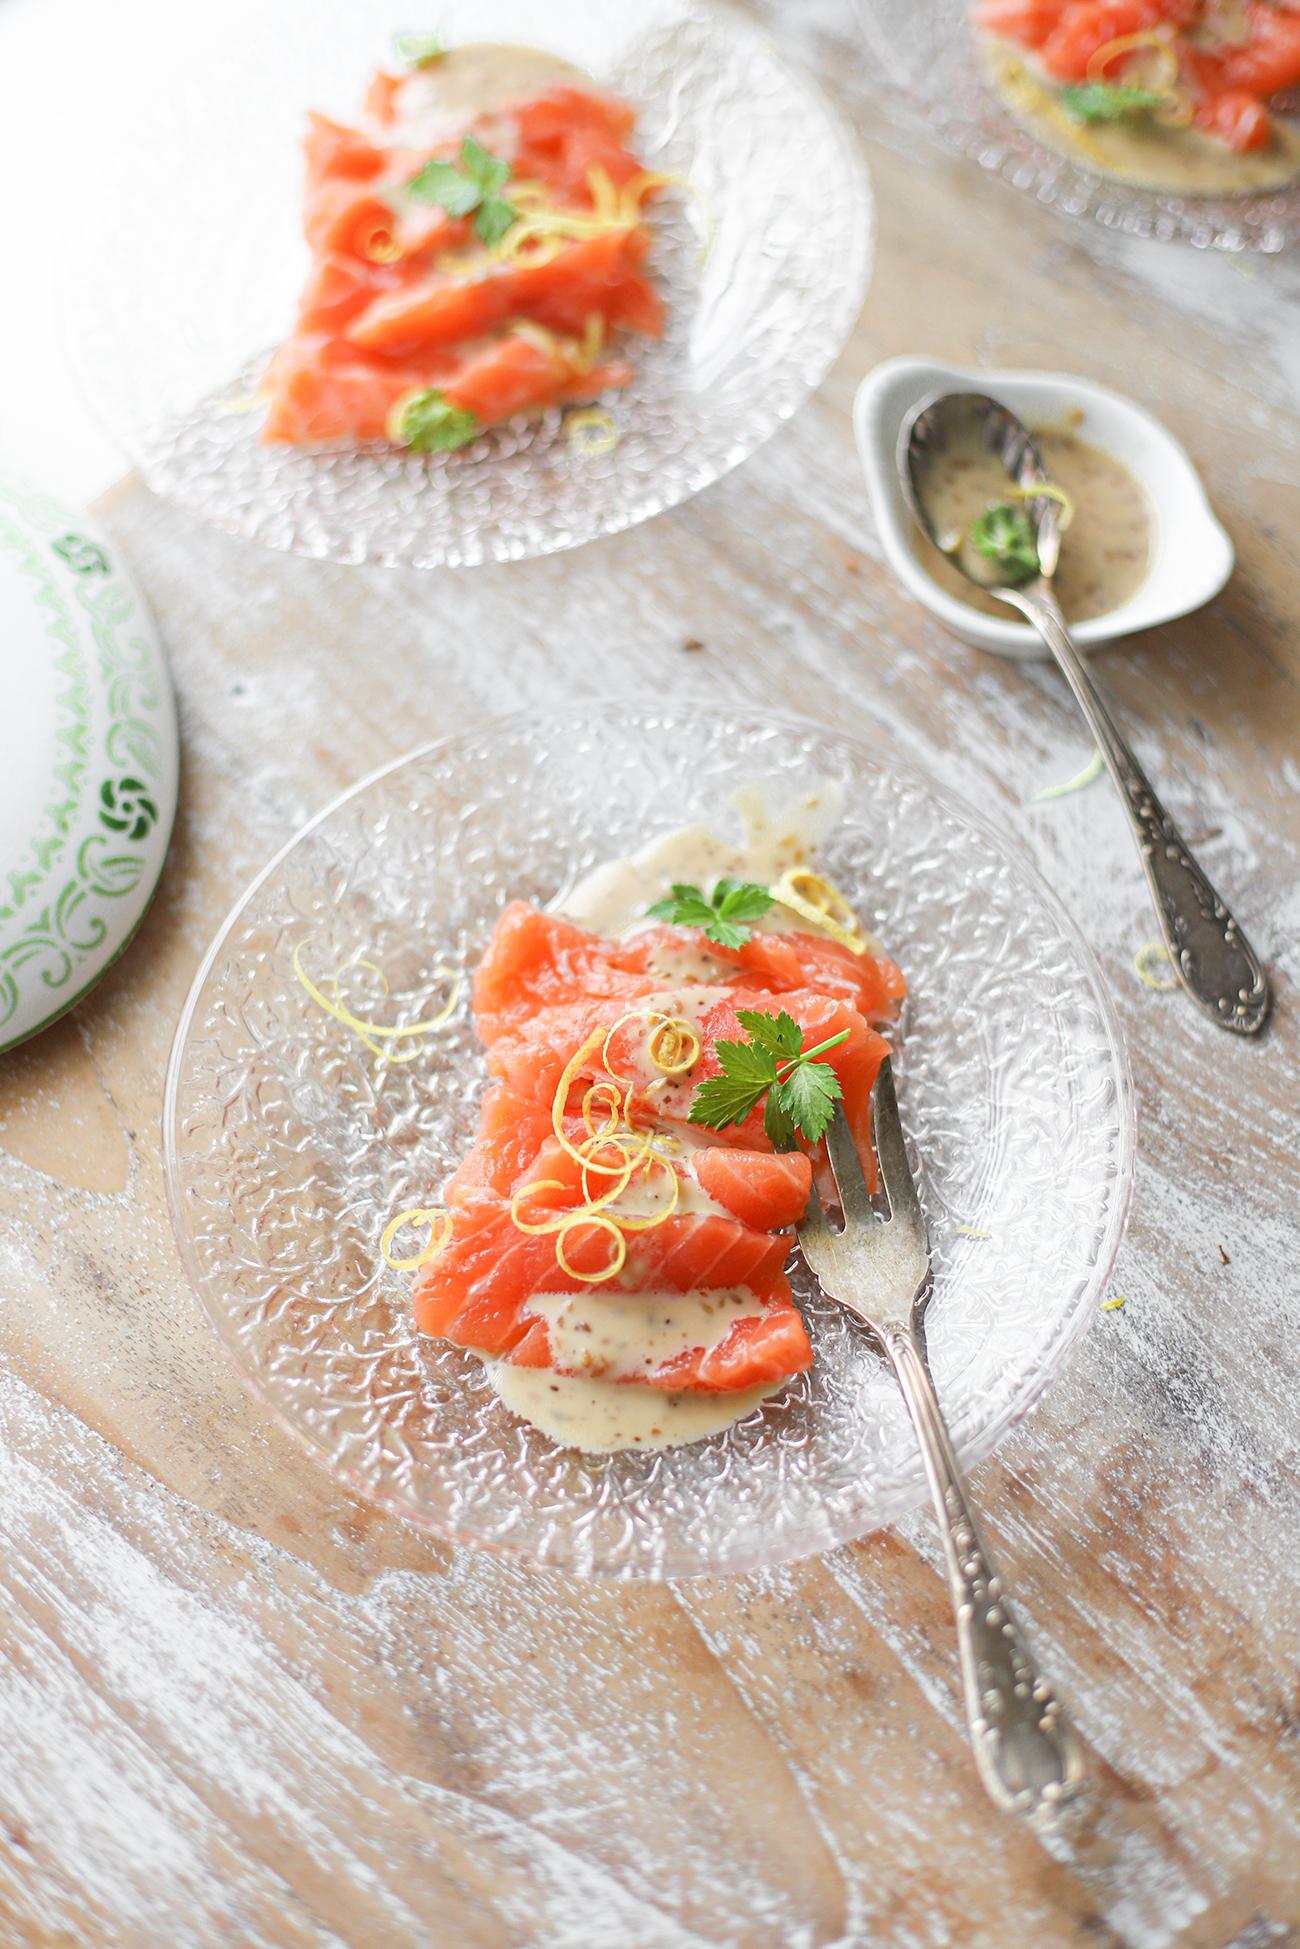 zalm sashimi met citroen en sesam dressing